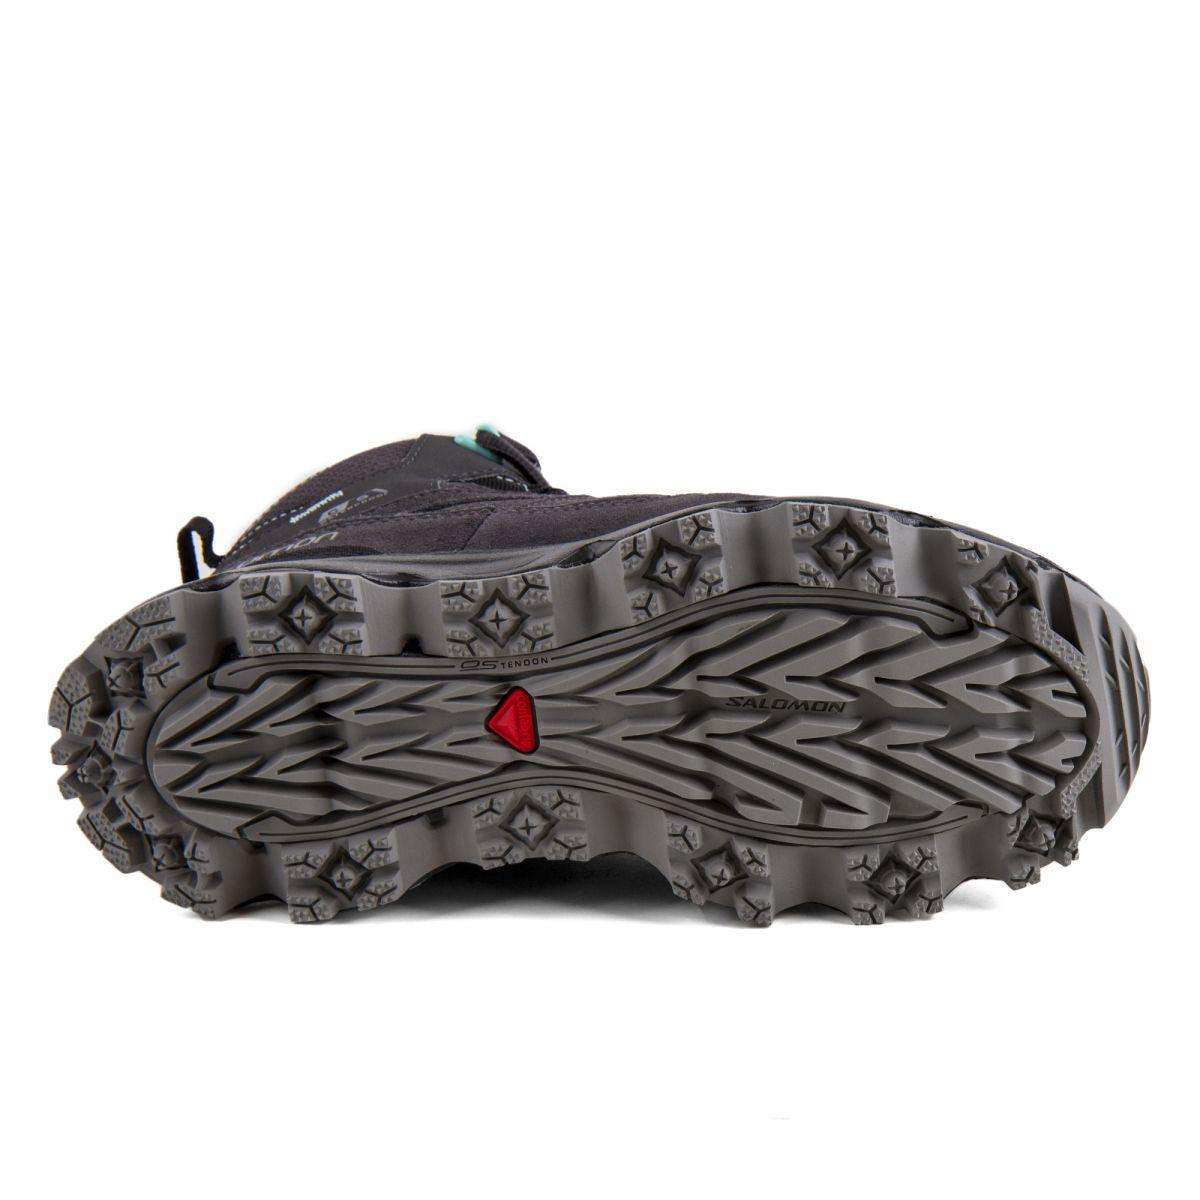 Chaussures Randonnée À Ts Grimsey Waterproof Salomon Cswp Prix De qpMGSVzU